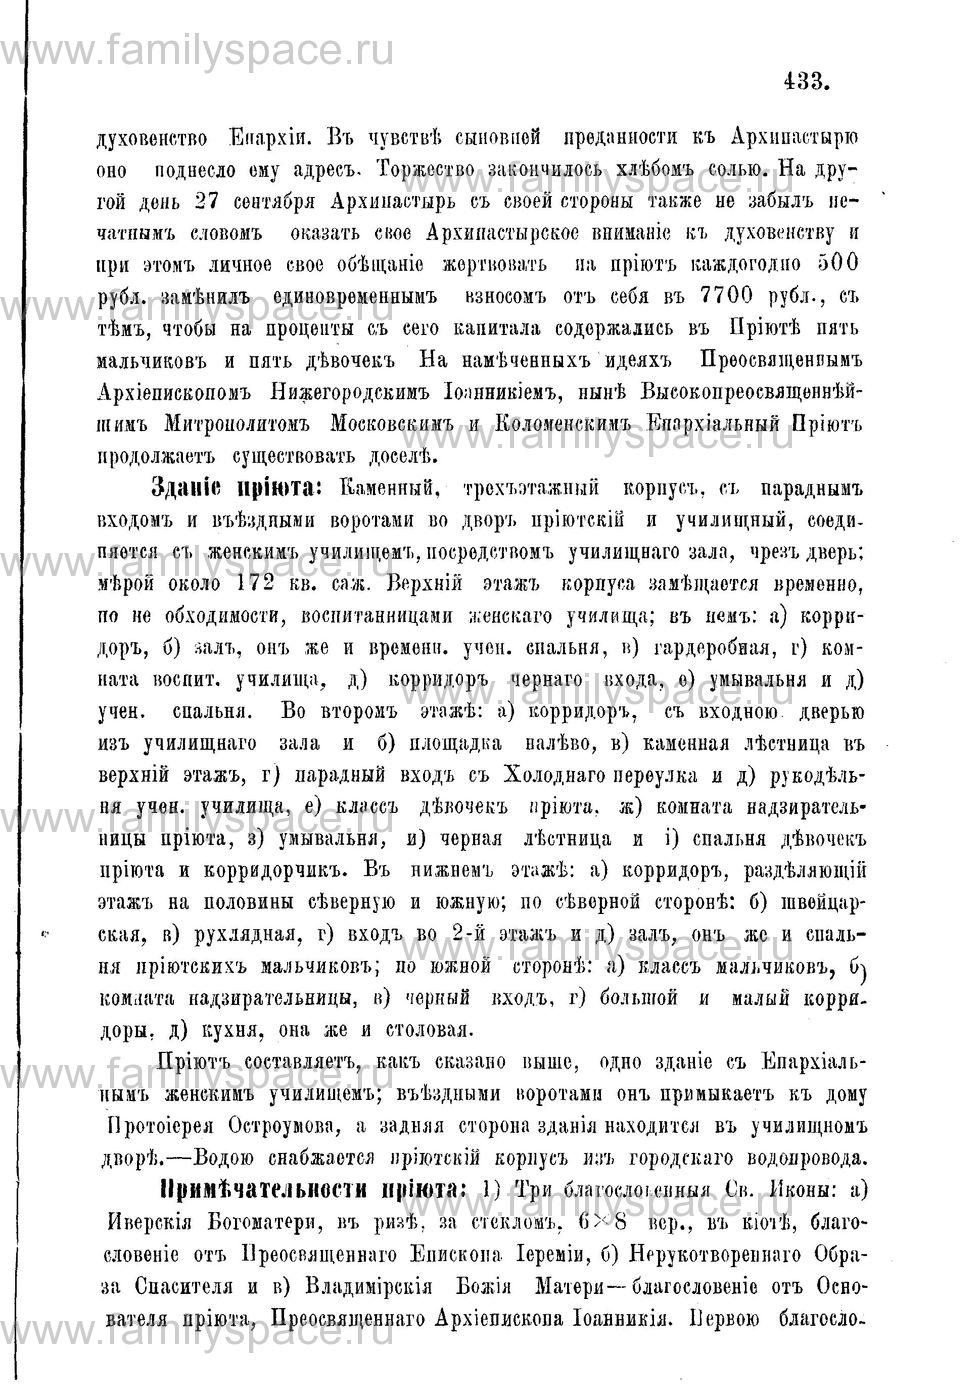 Поиск по фамилии - Адрес-календарь Нижегородской епархии на 1888 год, страница 1433